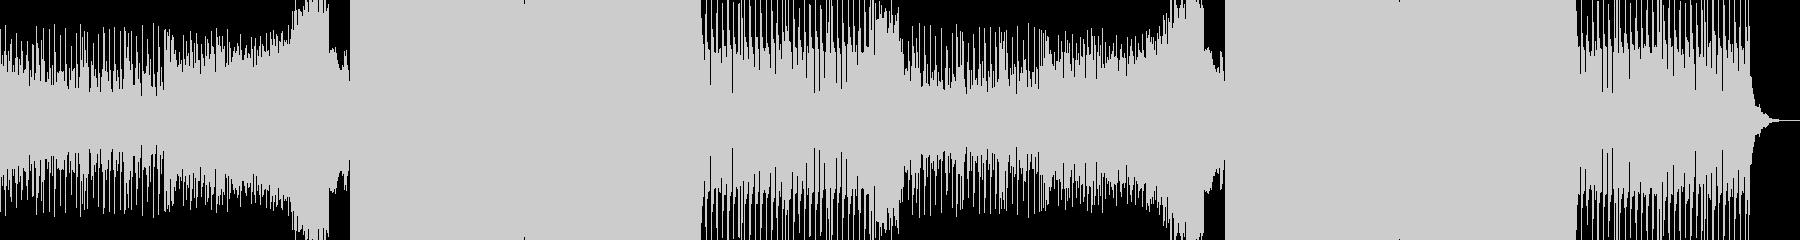 ノリノリで聴けるダンスナンバー系EDMの未再生の波形